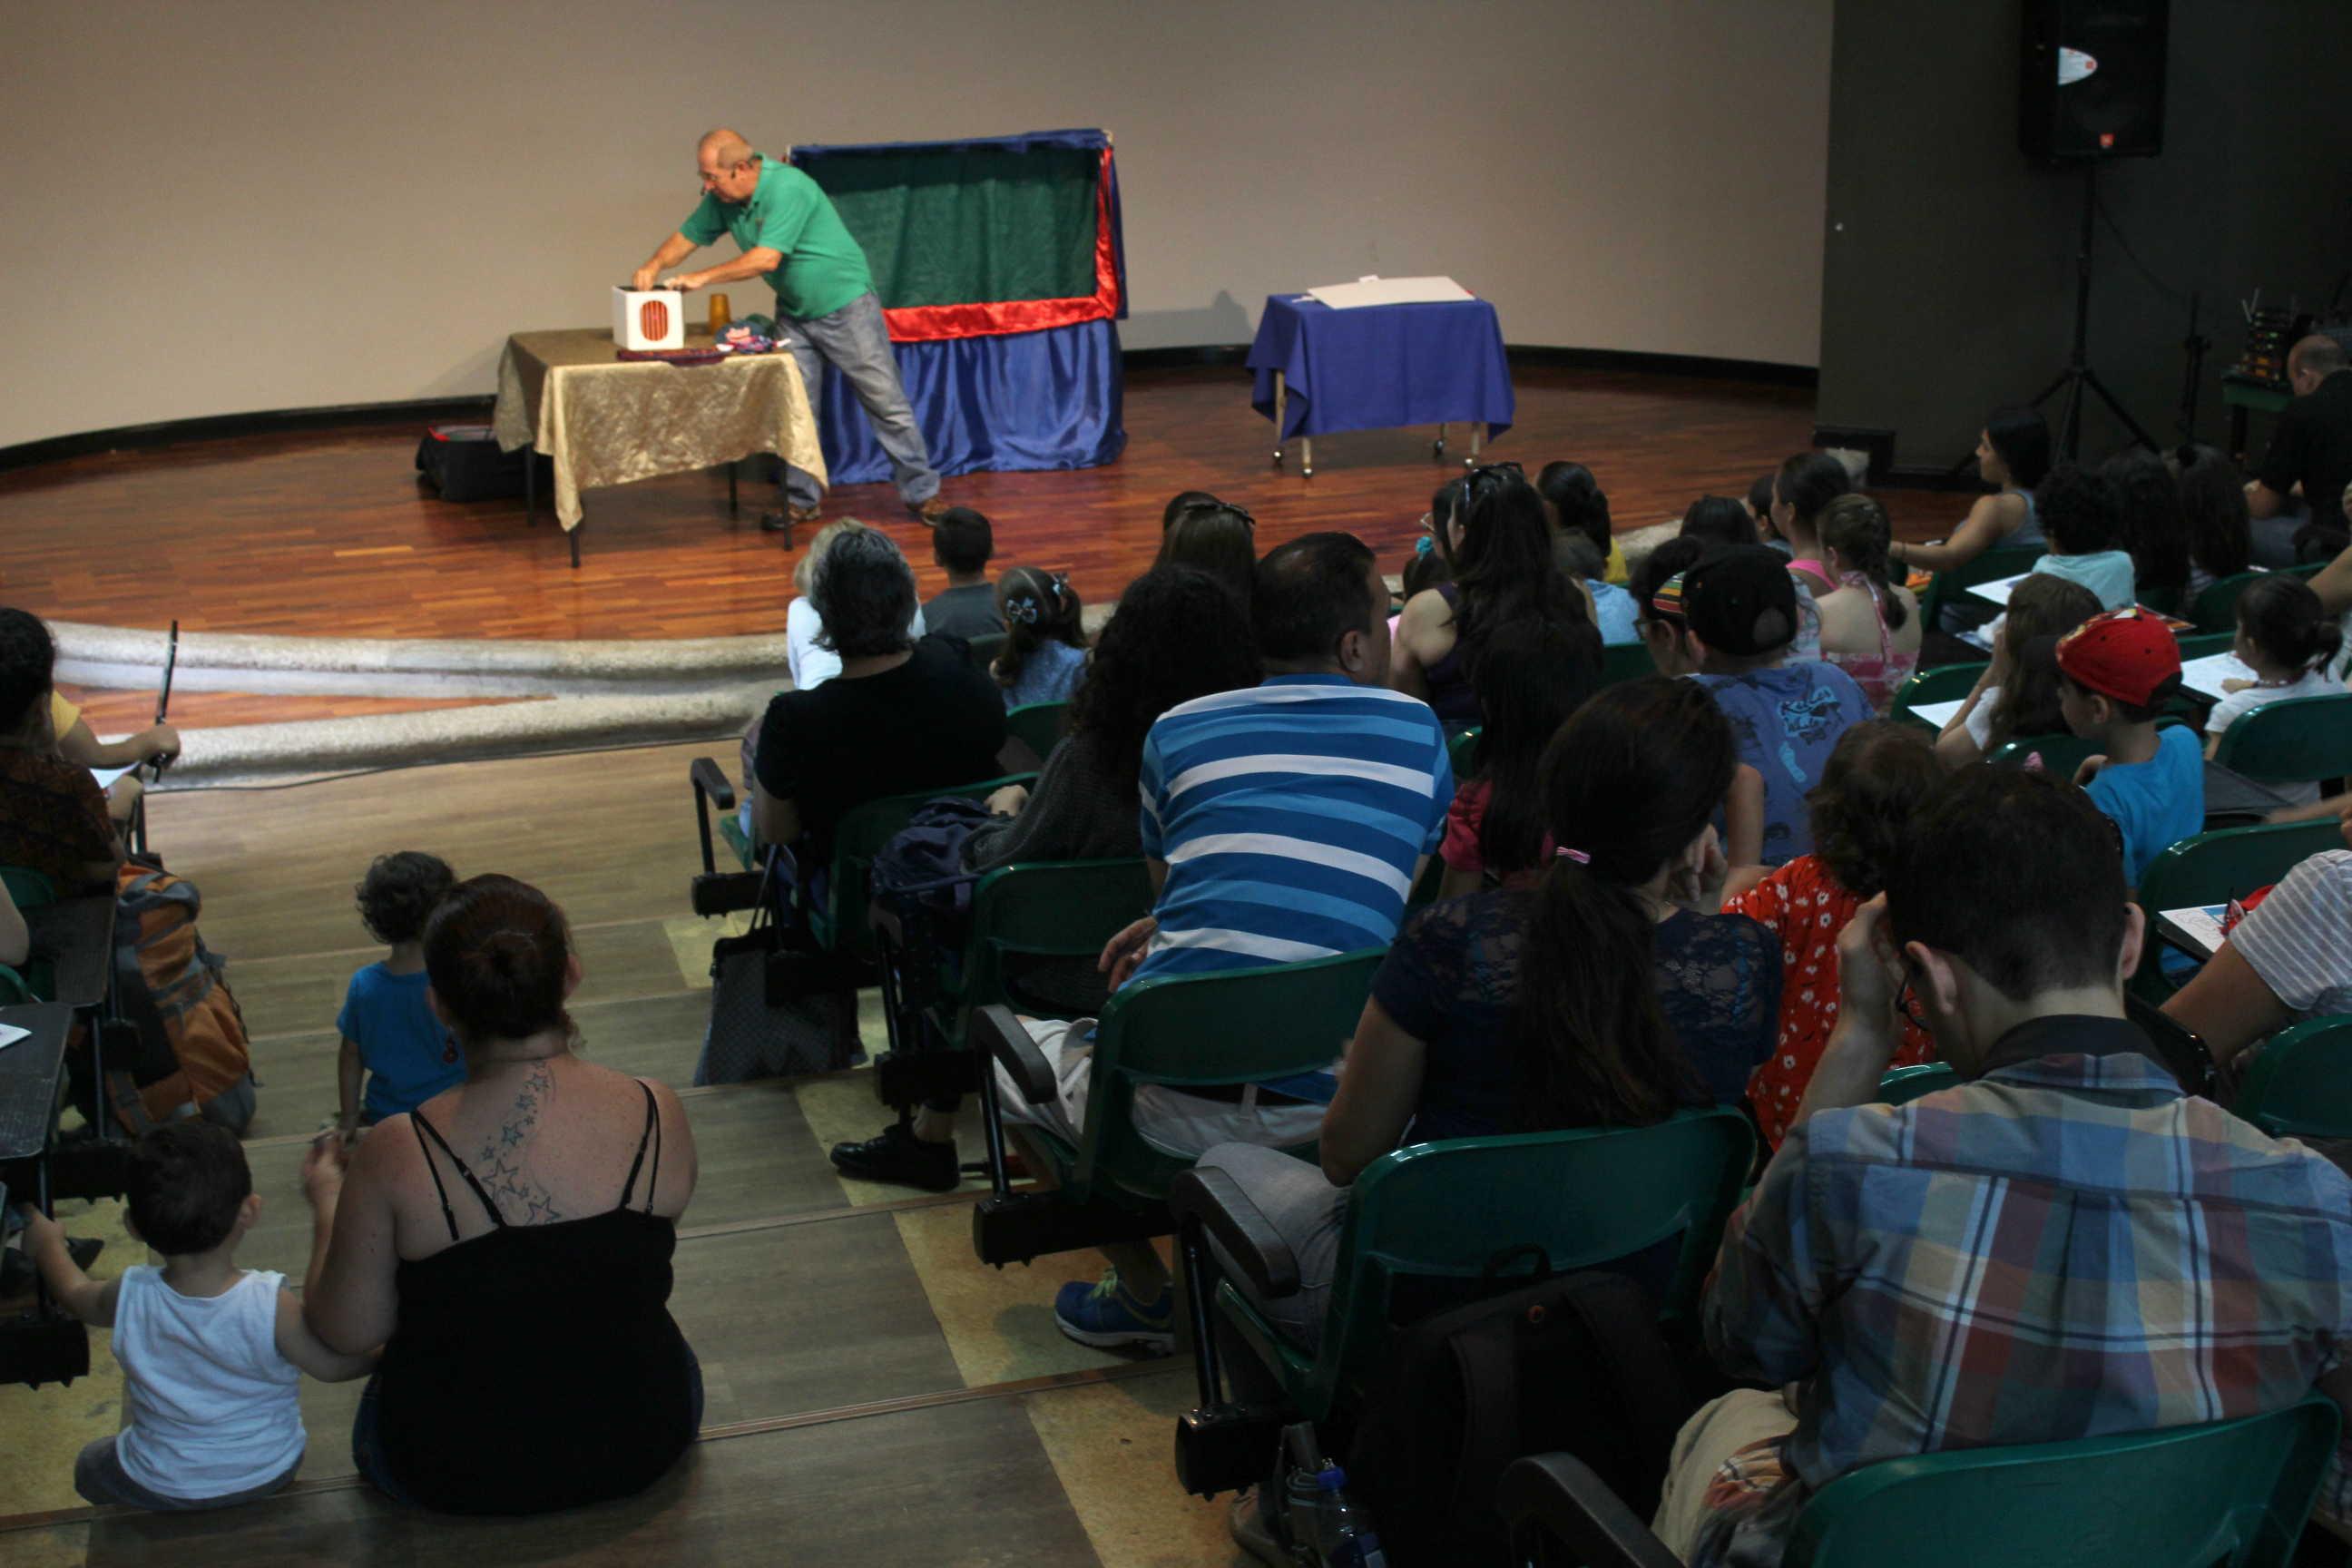 La compañía Títere Fiesta presentó la obra Cuentos cortos y mágicos.